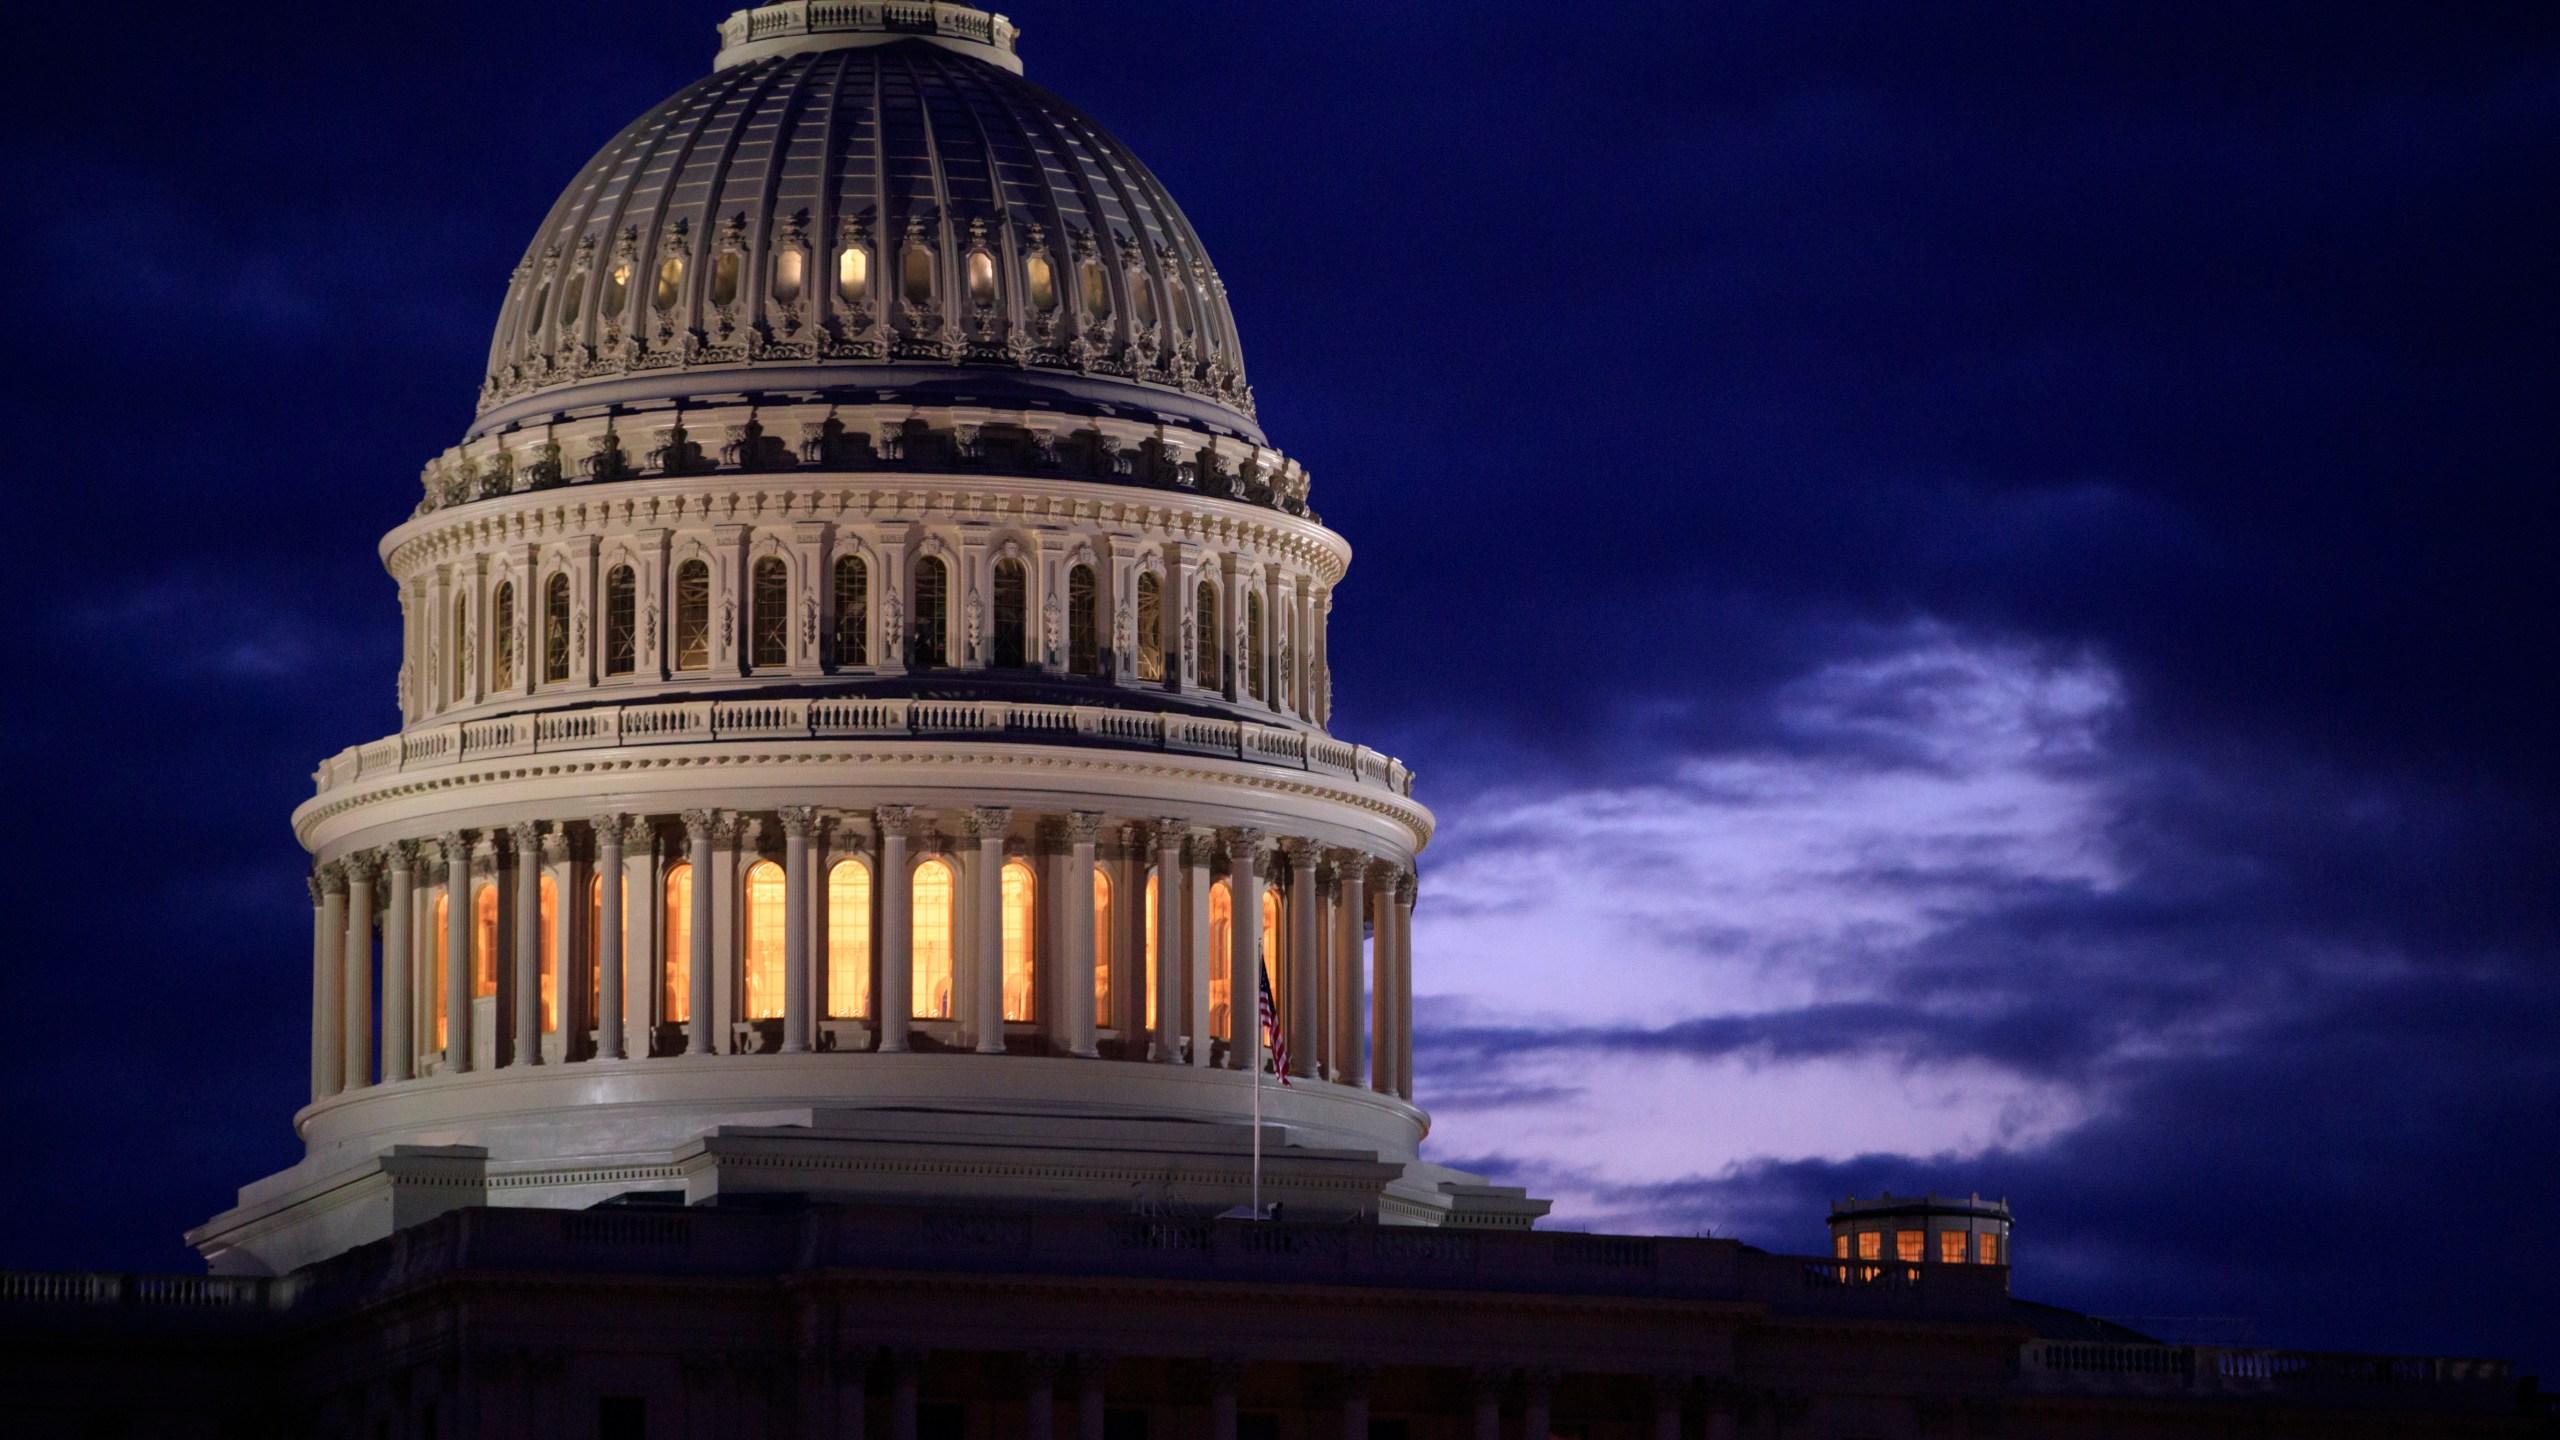 Congress_Returns_32538-159532.jpg44325413